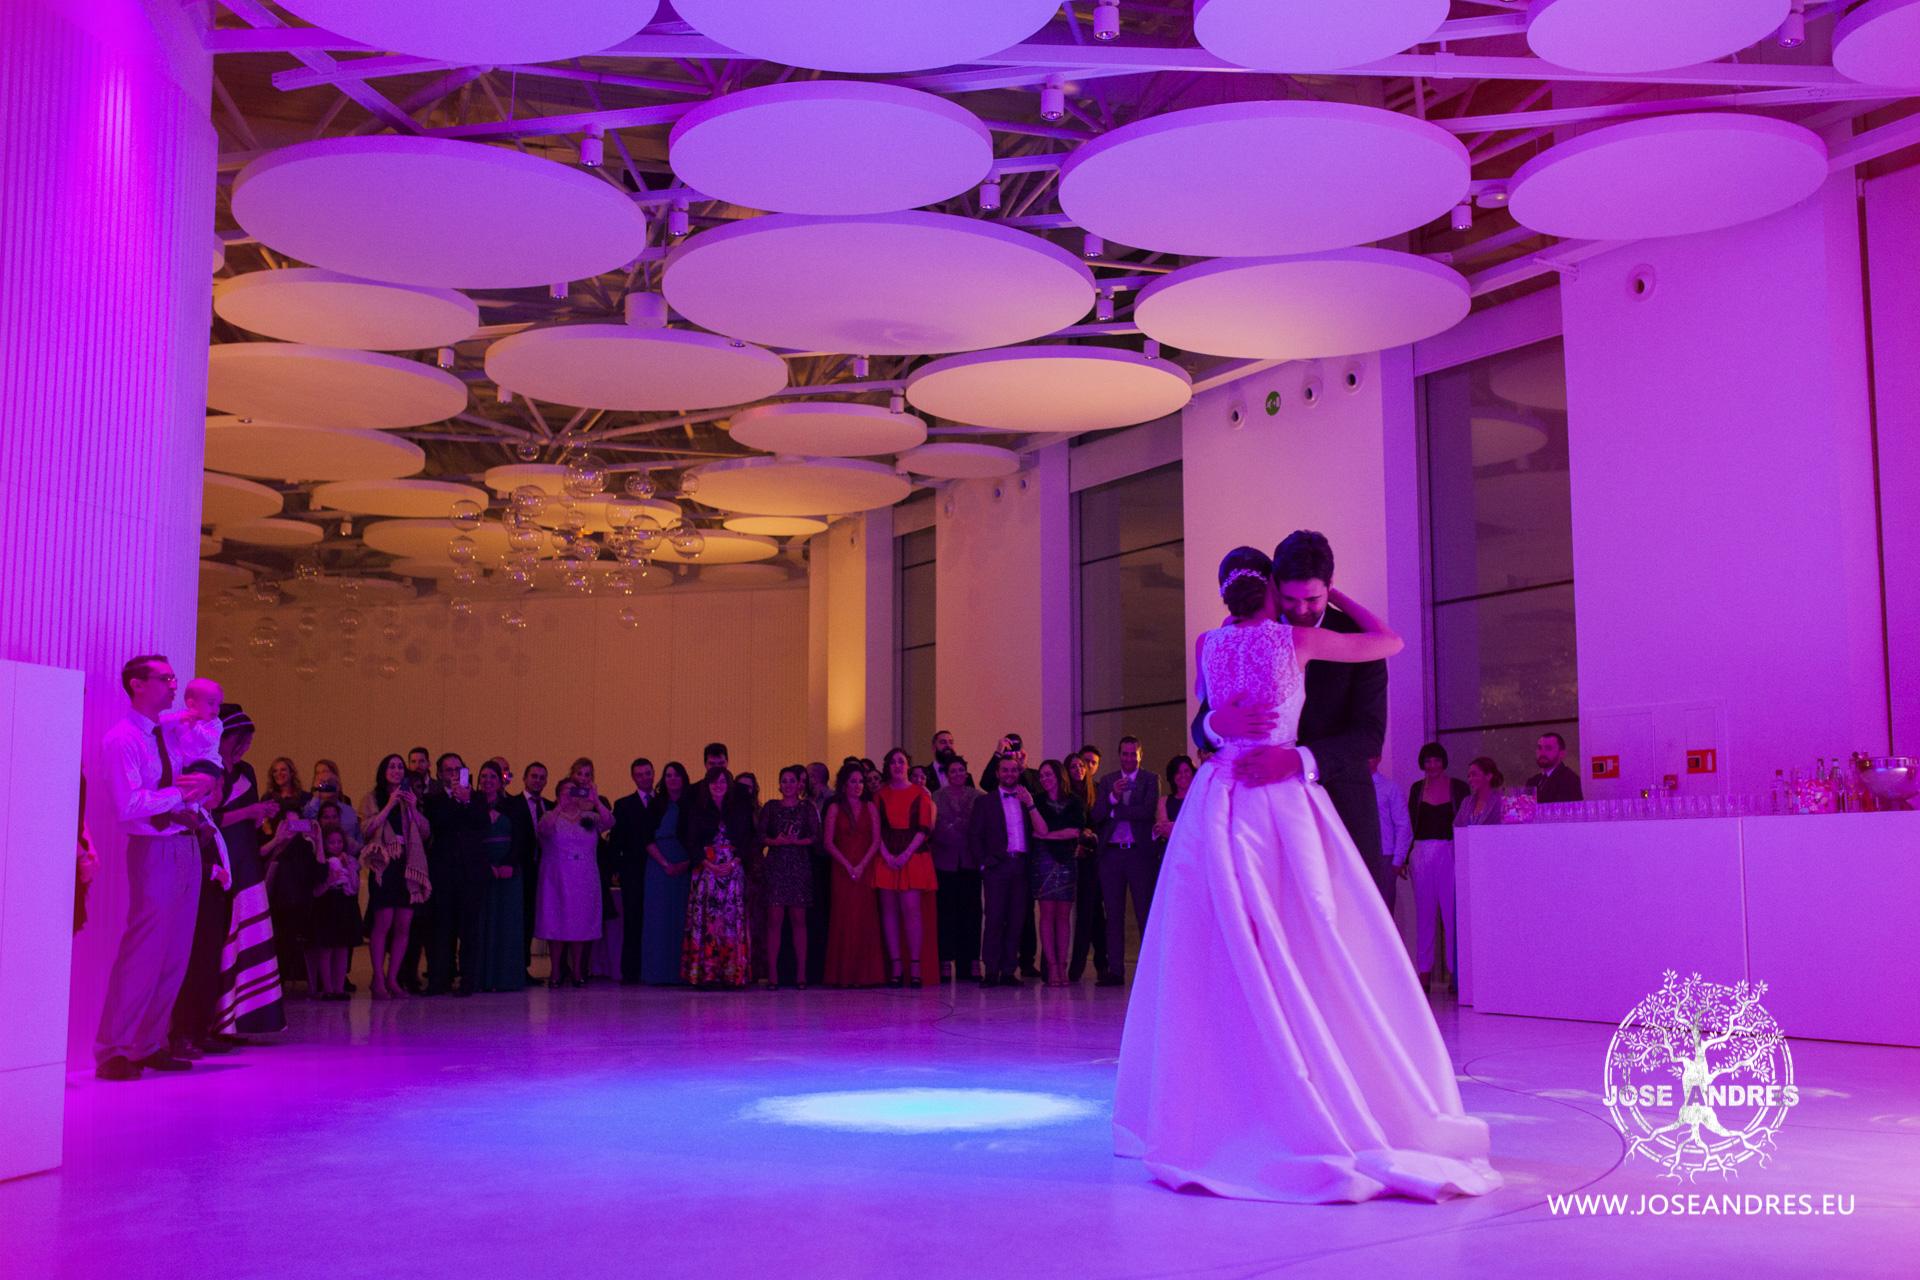 Novios bailando baile nupcial vals en Boda en Myrtus Valencia